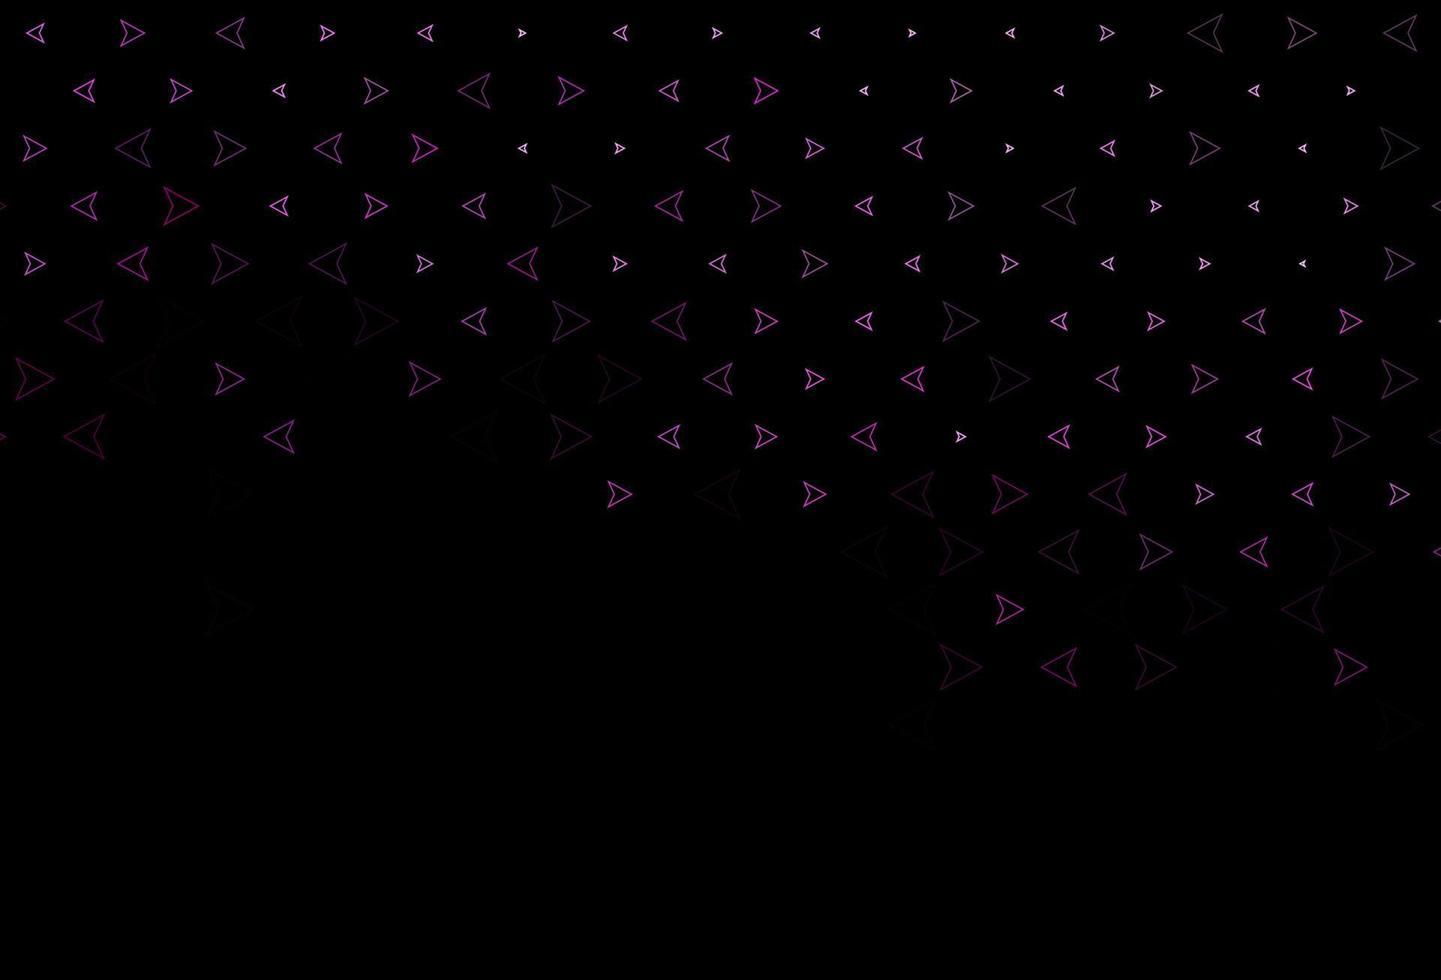 padrão de vetor rosa escuro em estilo poligonal.